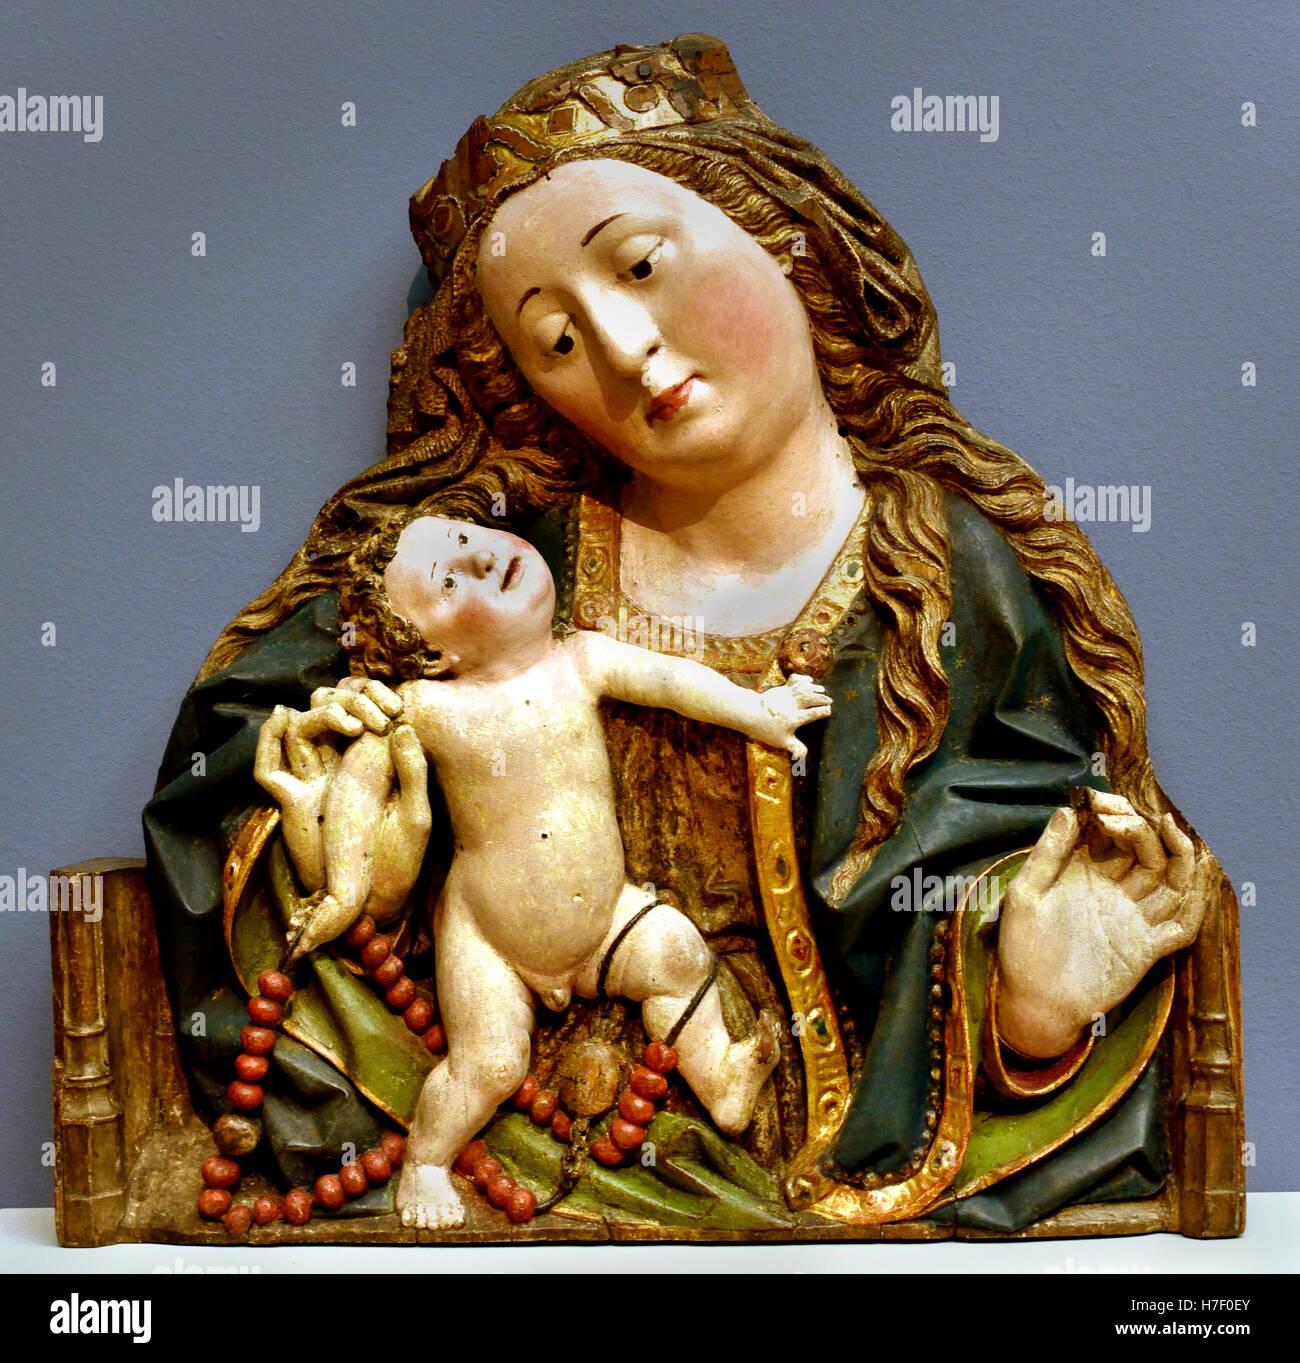 Madonna e Bambino1480 scultura Medioevo Oberrhein - Reno superiore il tedesco in Germania Immagini Stock